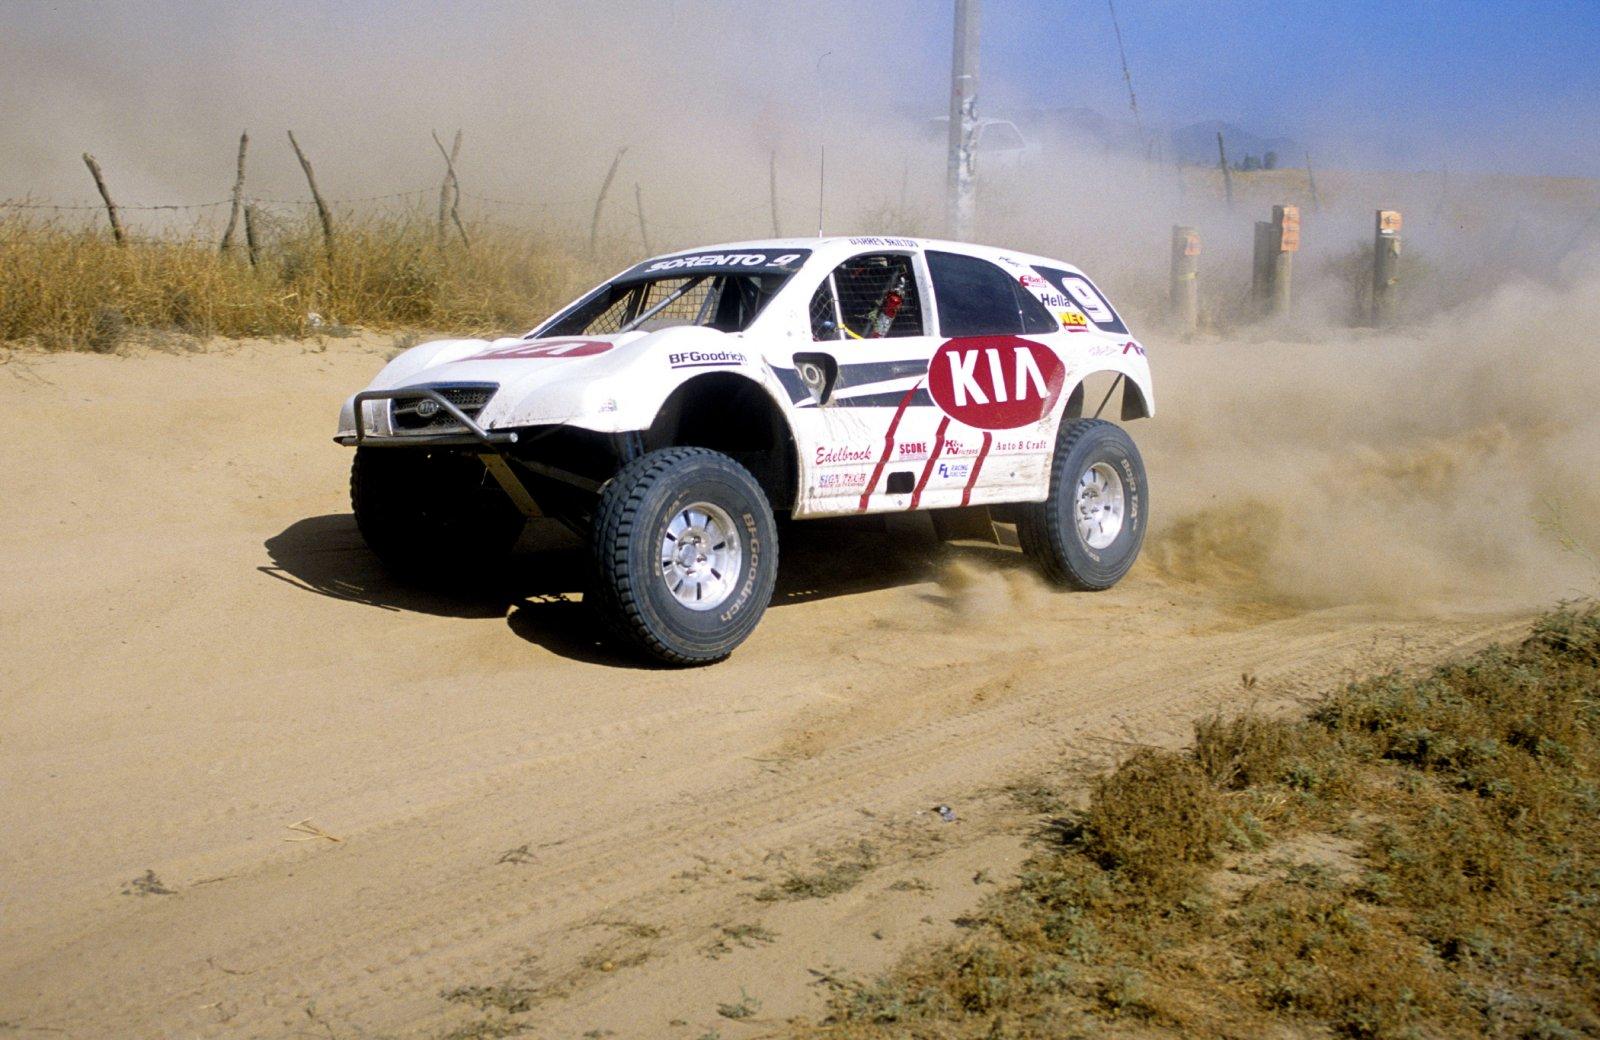 2003.Baja 500.9.Skilton.Kia.21x.jpg